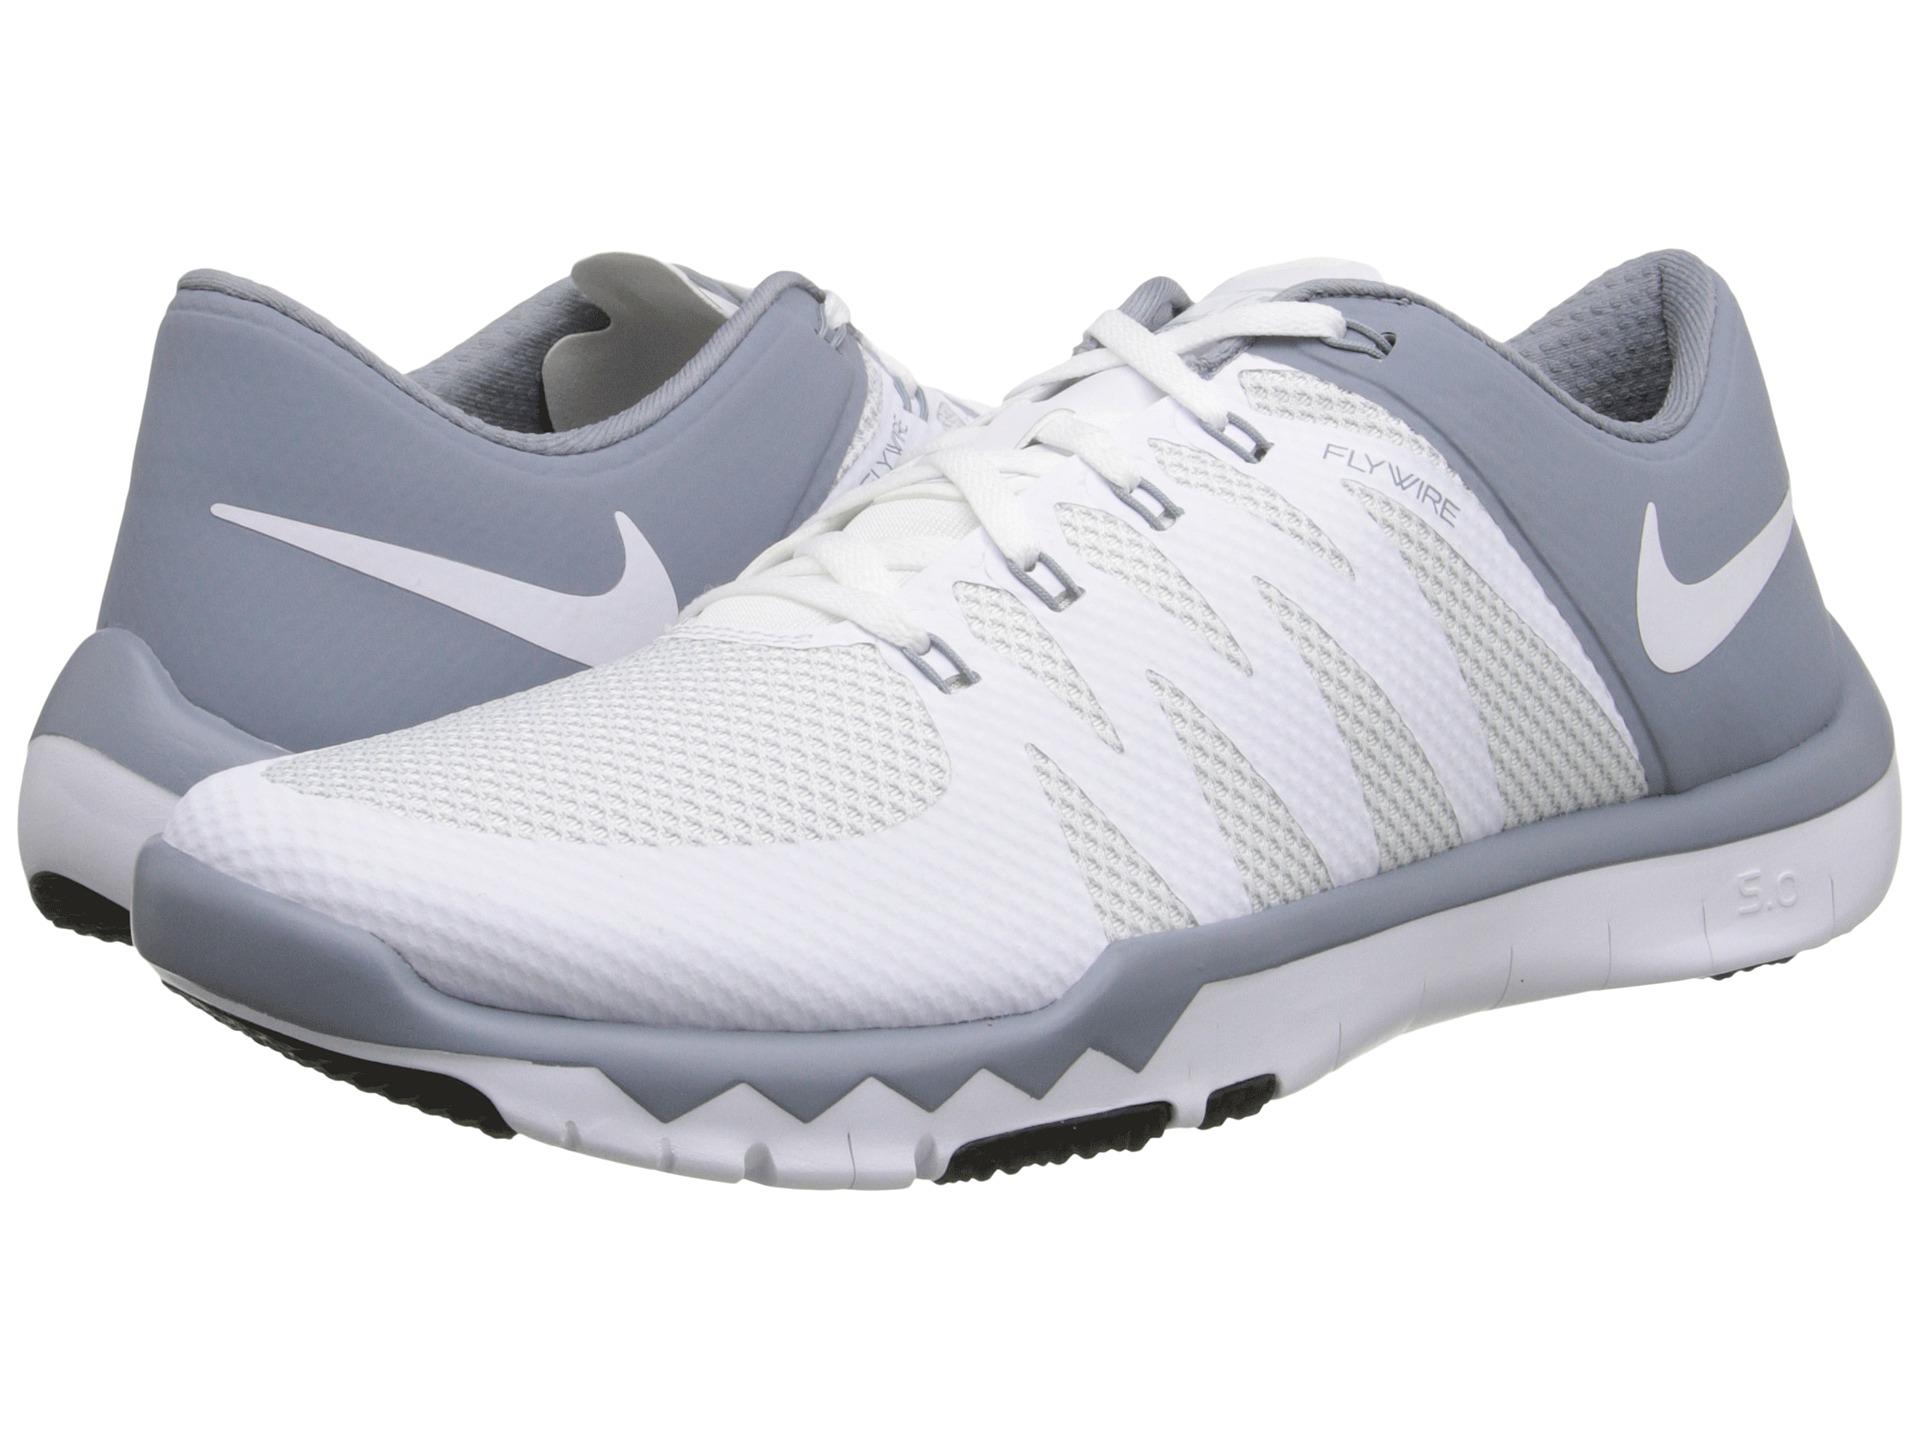 Nike Free Run 3 5.0 Coral Uk